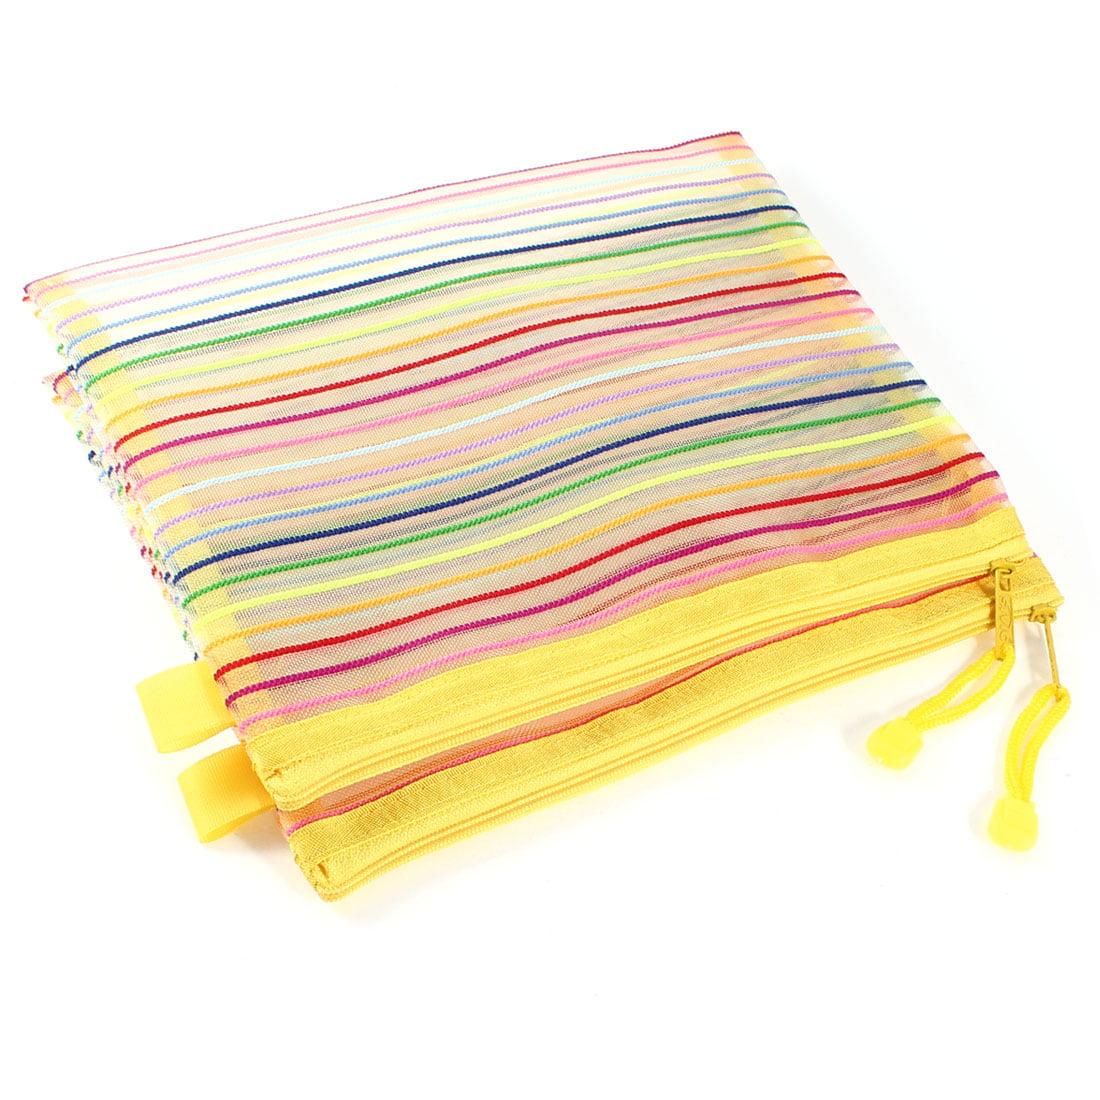 Unique Bargains 2 Pcs Nylon Zipper Colorful Striped Design Mesh A5 Paper File Documents Bags